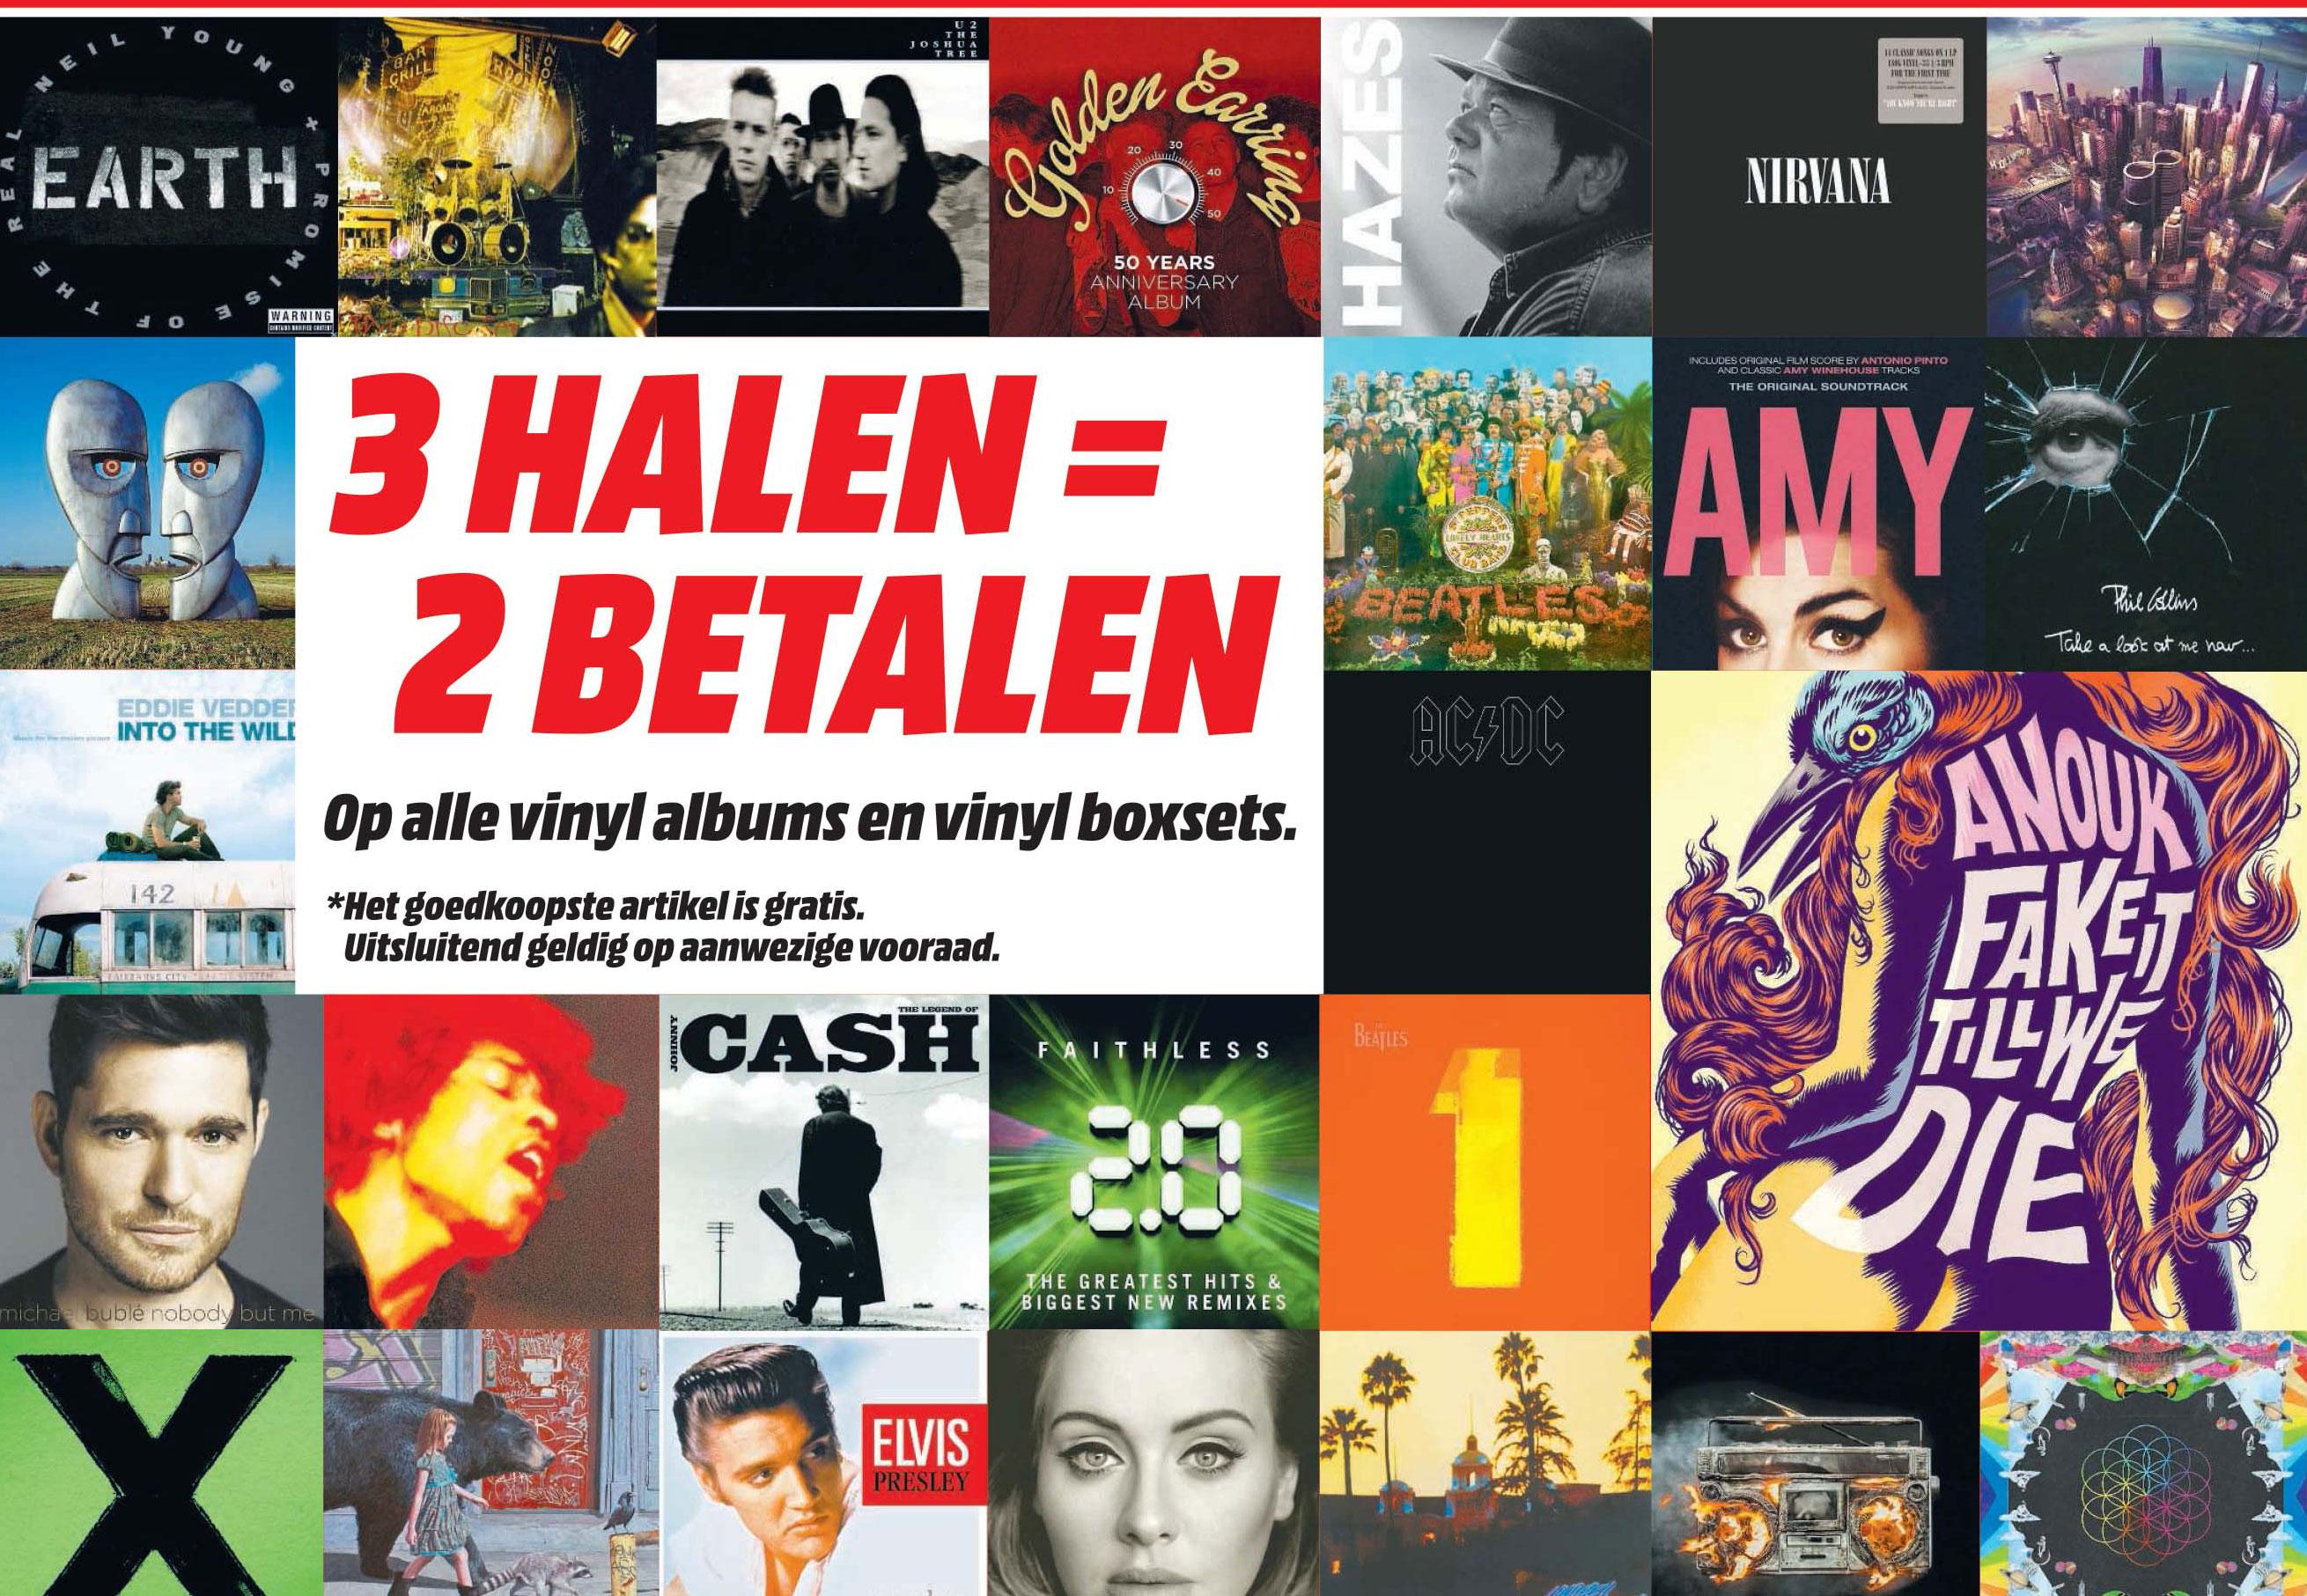 MediaMarkt 3 Halen = 2 Betalen Op Alle Vinyl Albums En Vinyl Boxsets